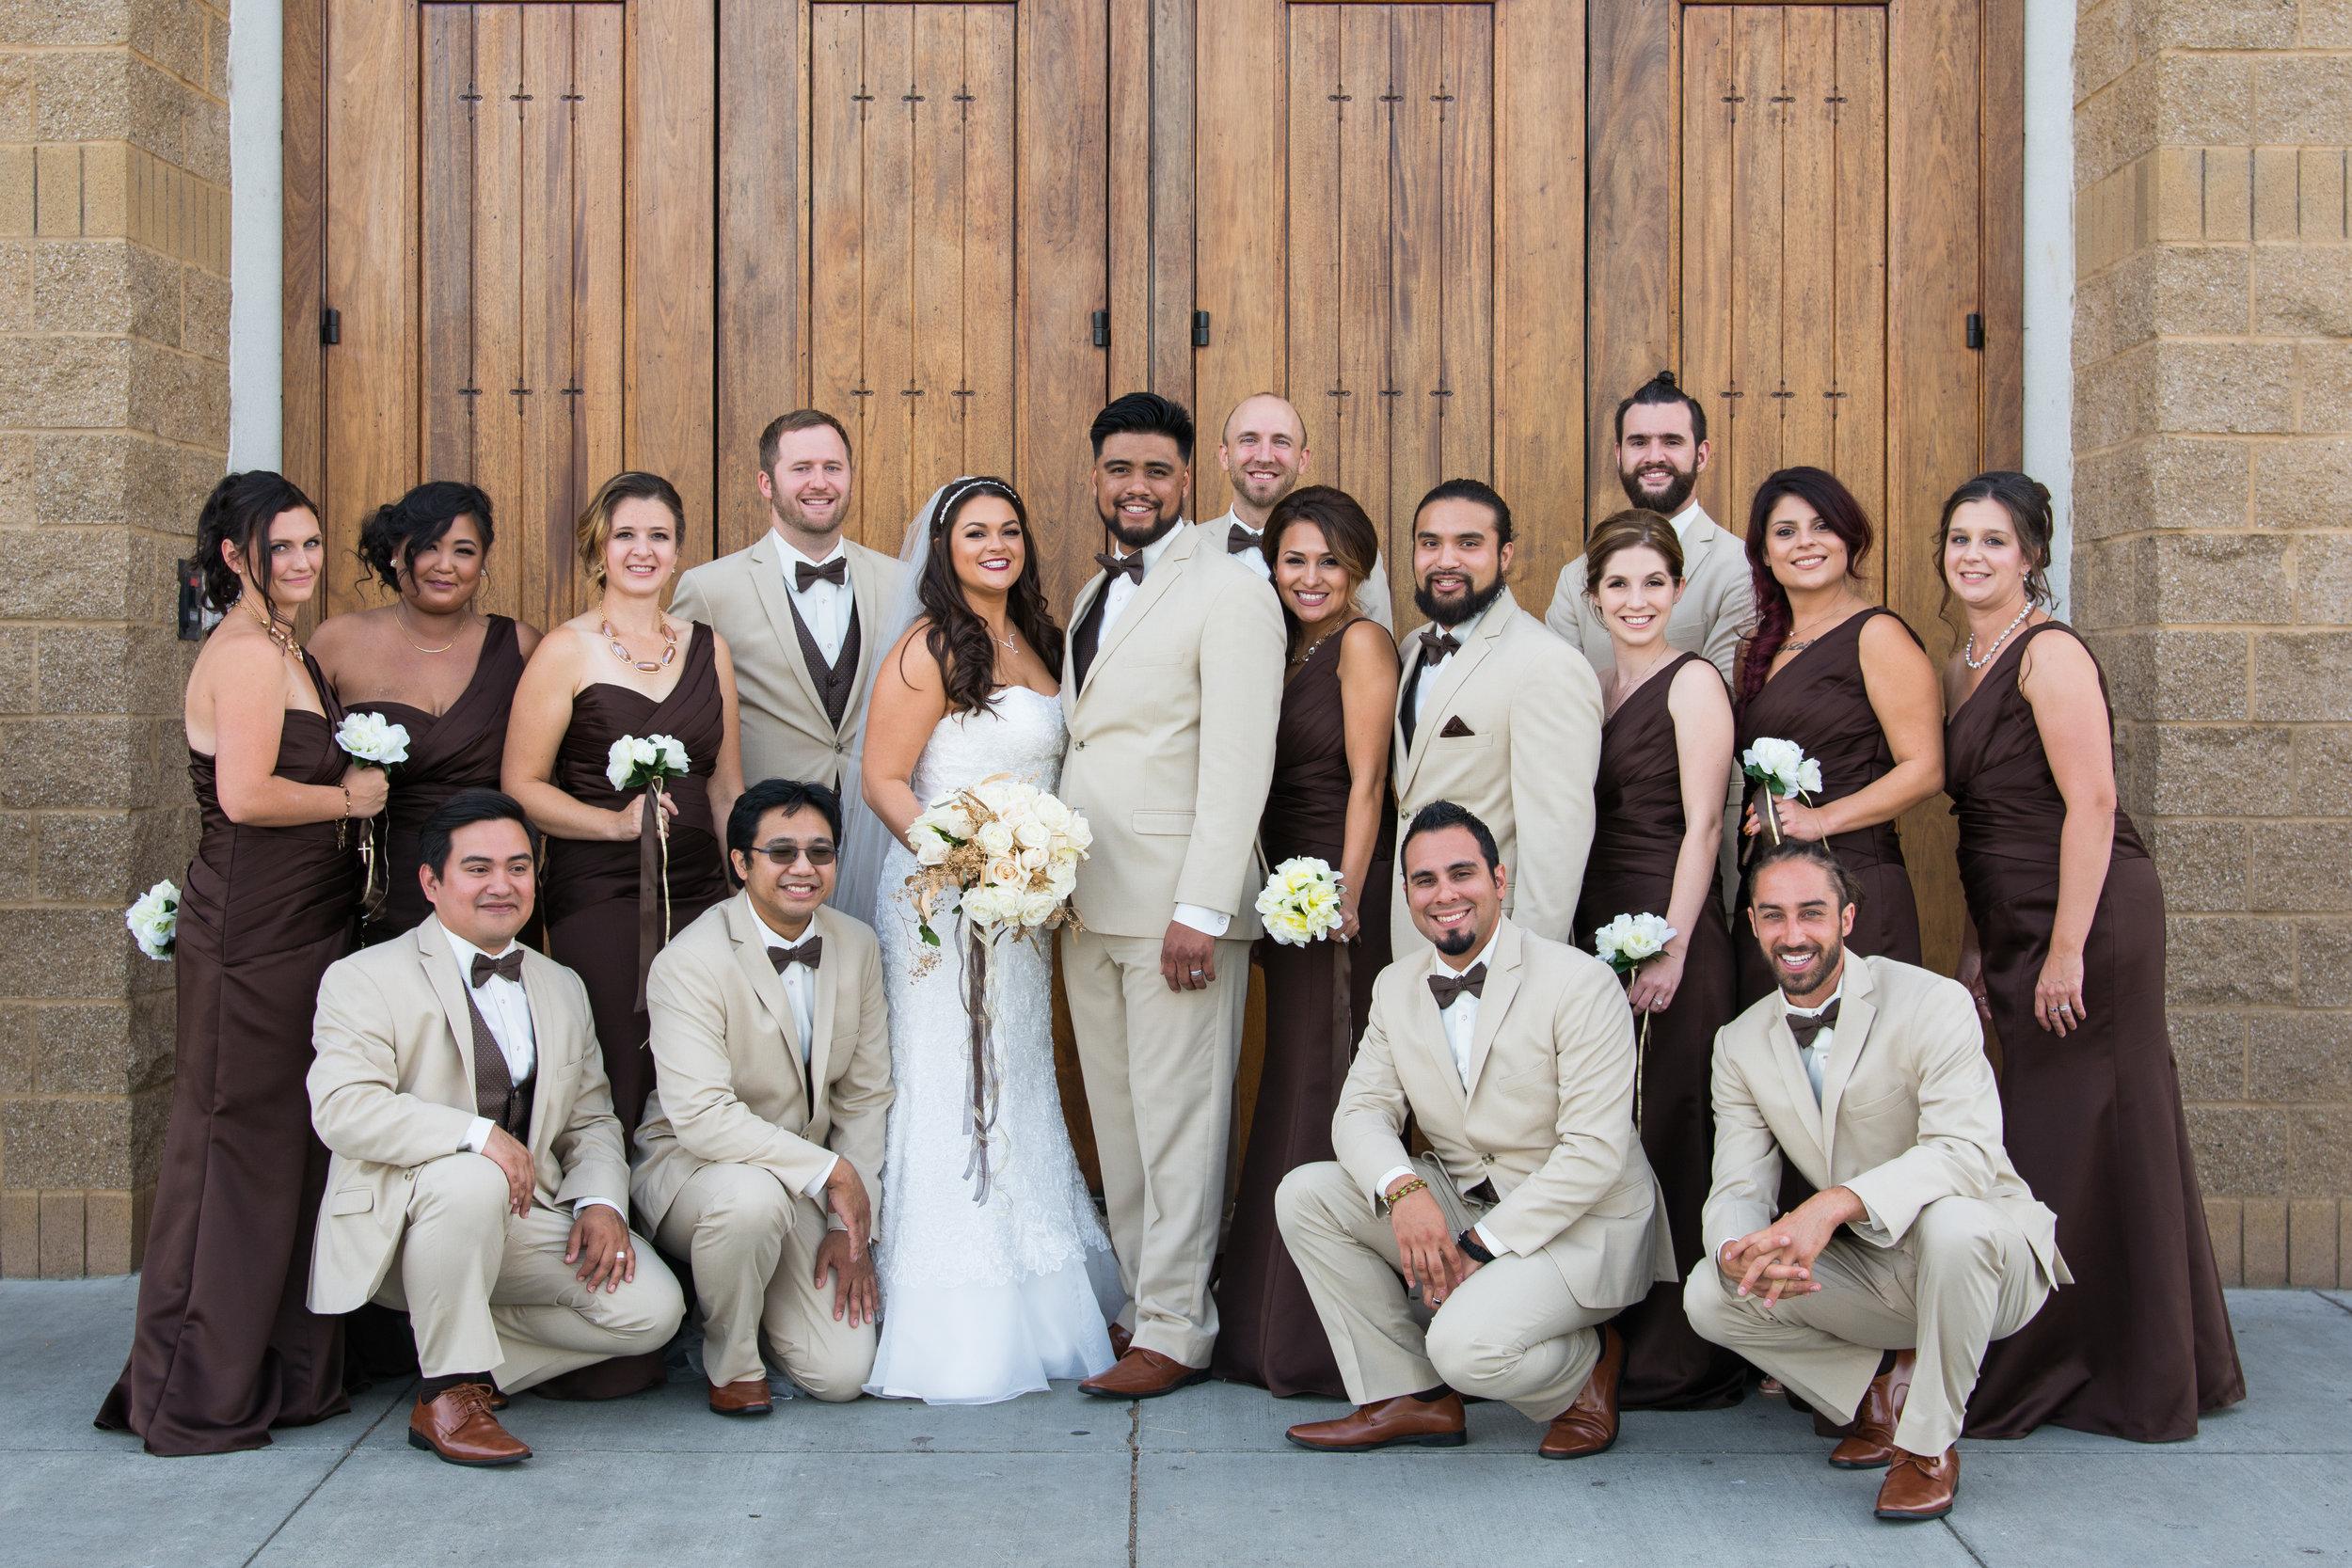 Wedding10.8.16-537.JPG